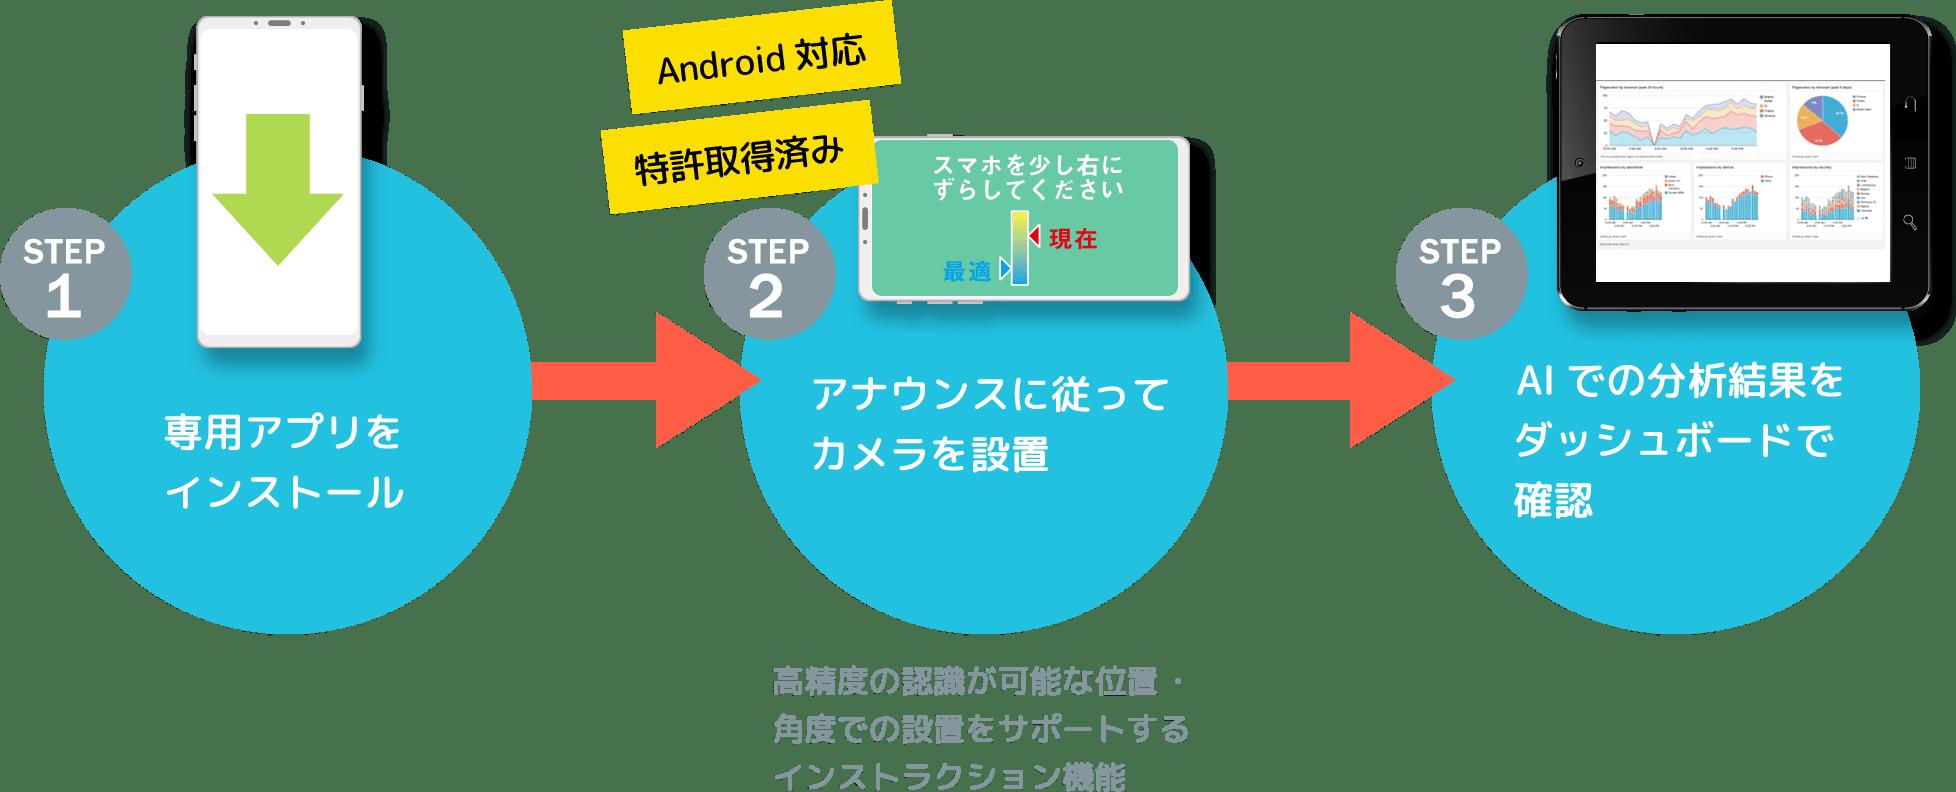 STEP1 専用アプリをインストール STEP2 アナウンスに従ってカメラを設置 STEP3 ダッシュボードで確認(アラートなし、クラウドで分析結果が観れる) 高精度の認識が可能な位置・角度での設置をサポートするインストラクション機能